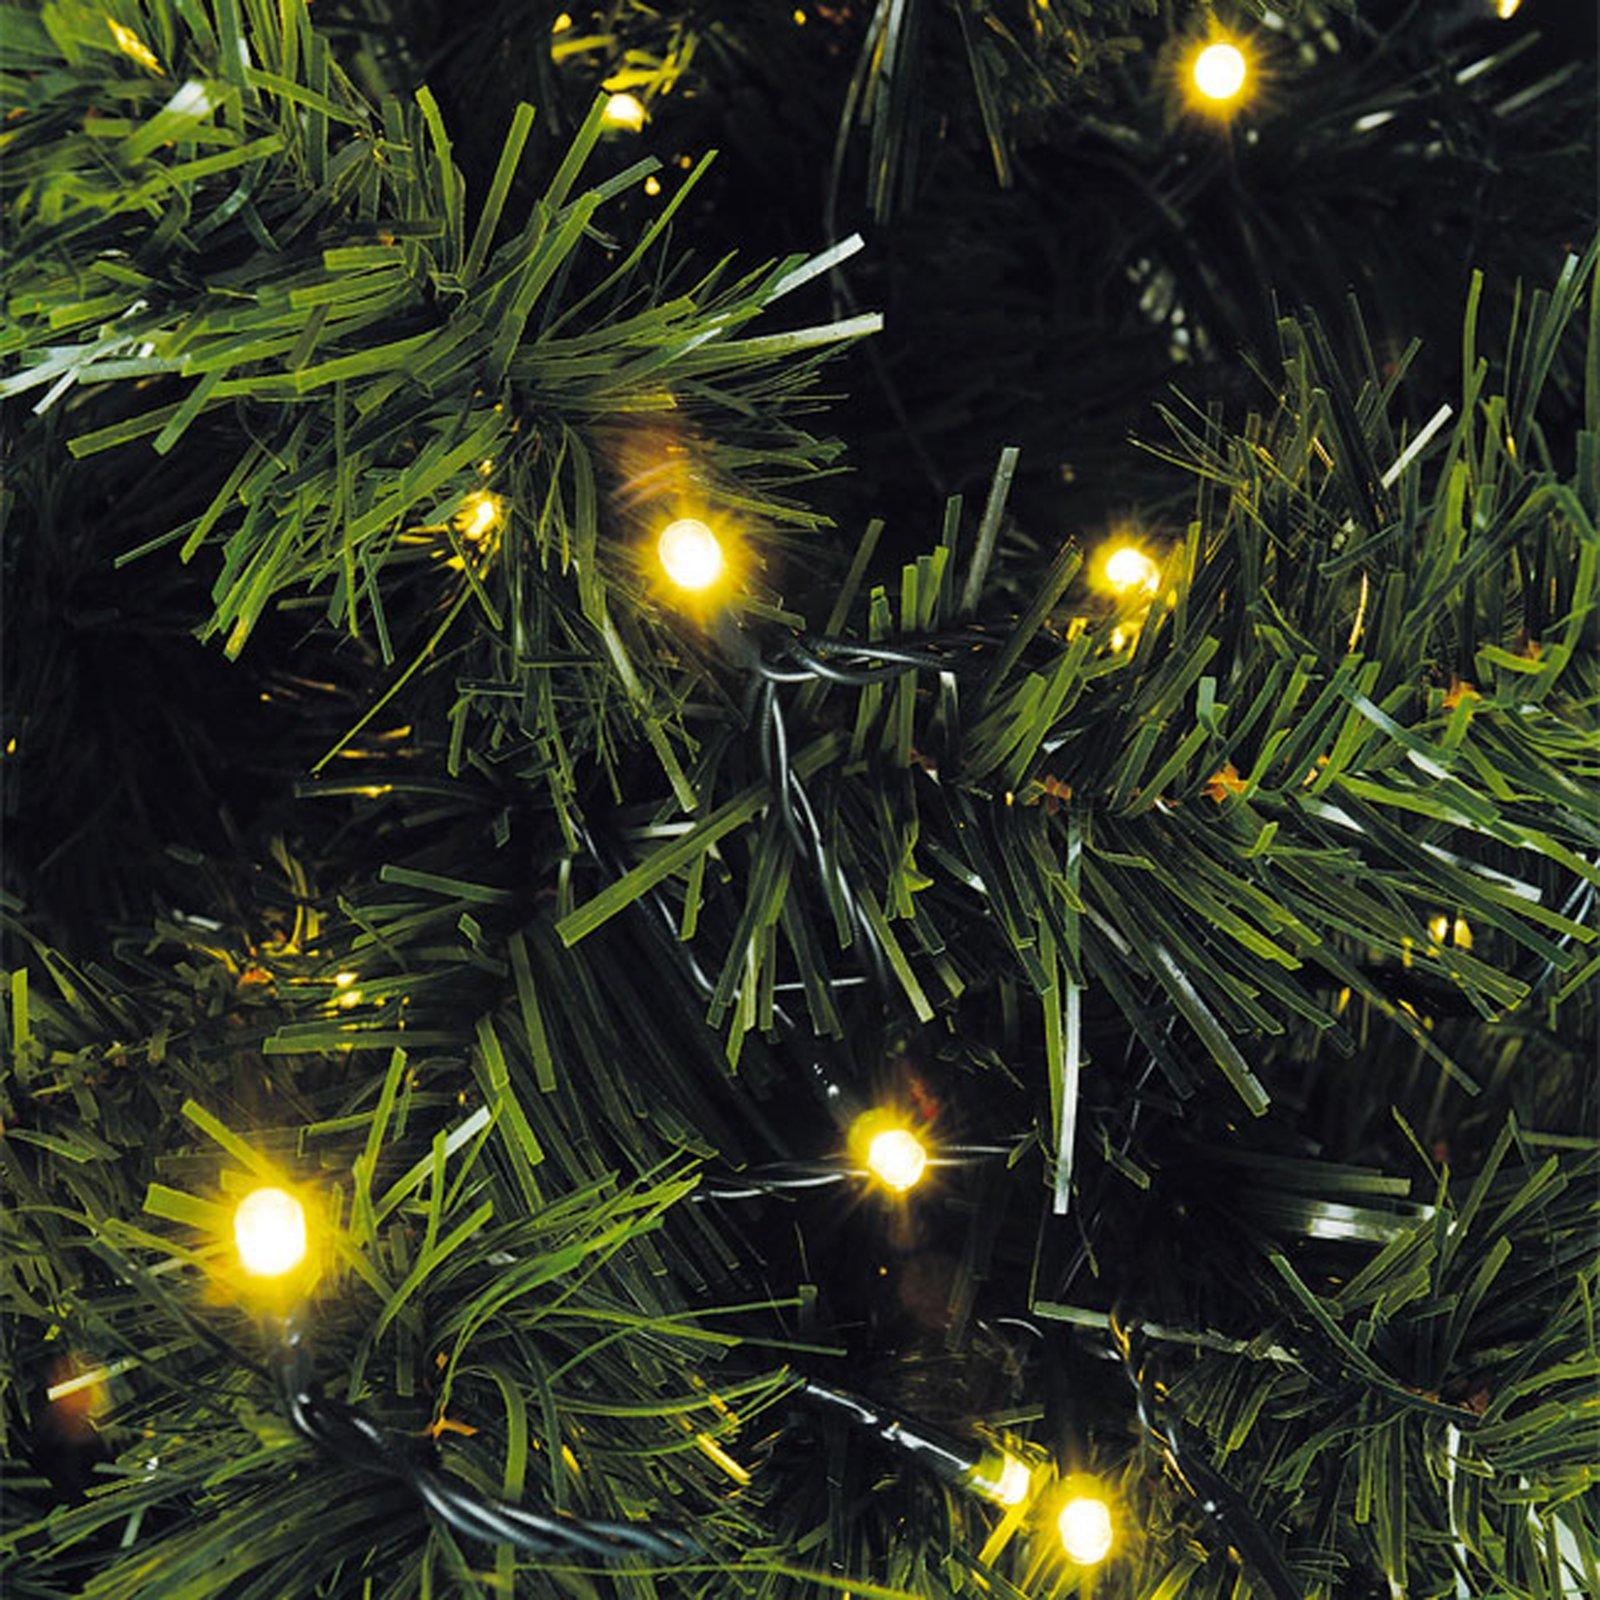 1015199800-1600Wx1600H Erstaunlich Led Lichterkette 12 Volt Dekorationen